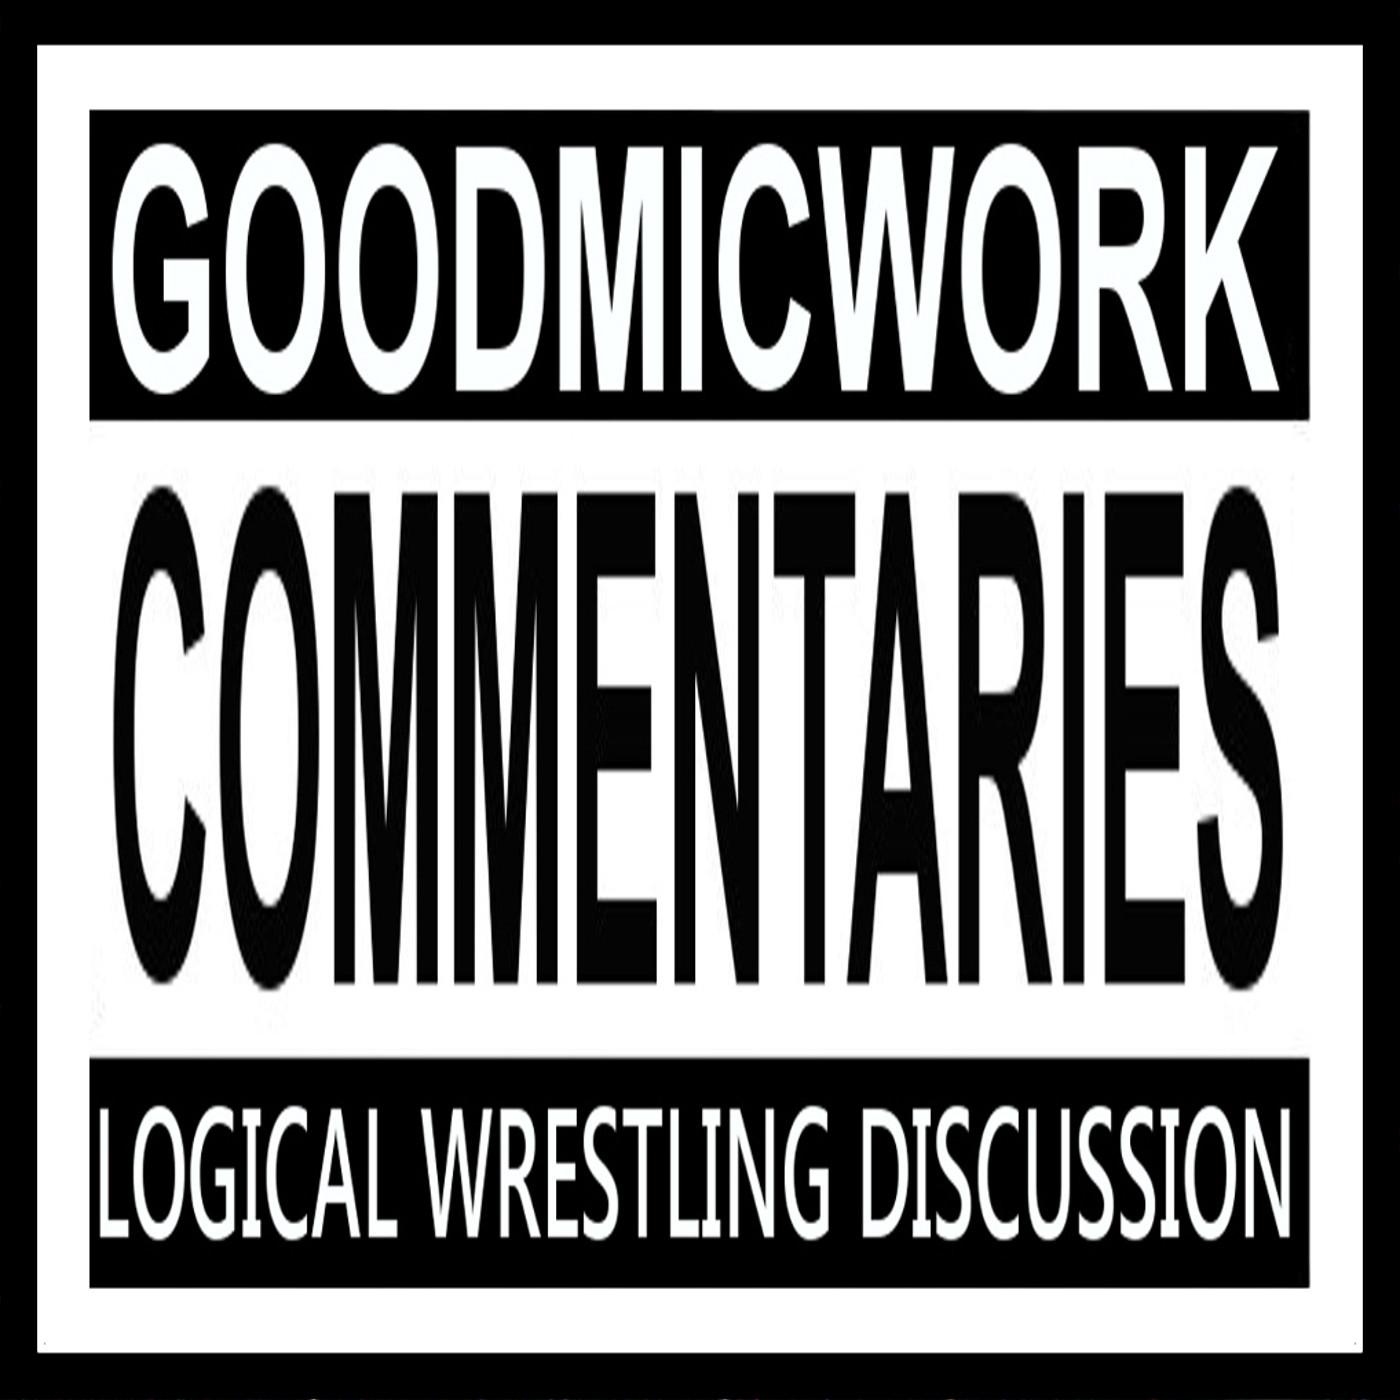 GoodMicWork Commentaries